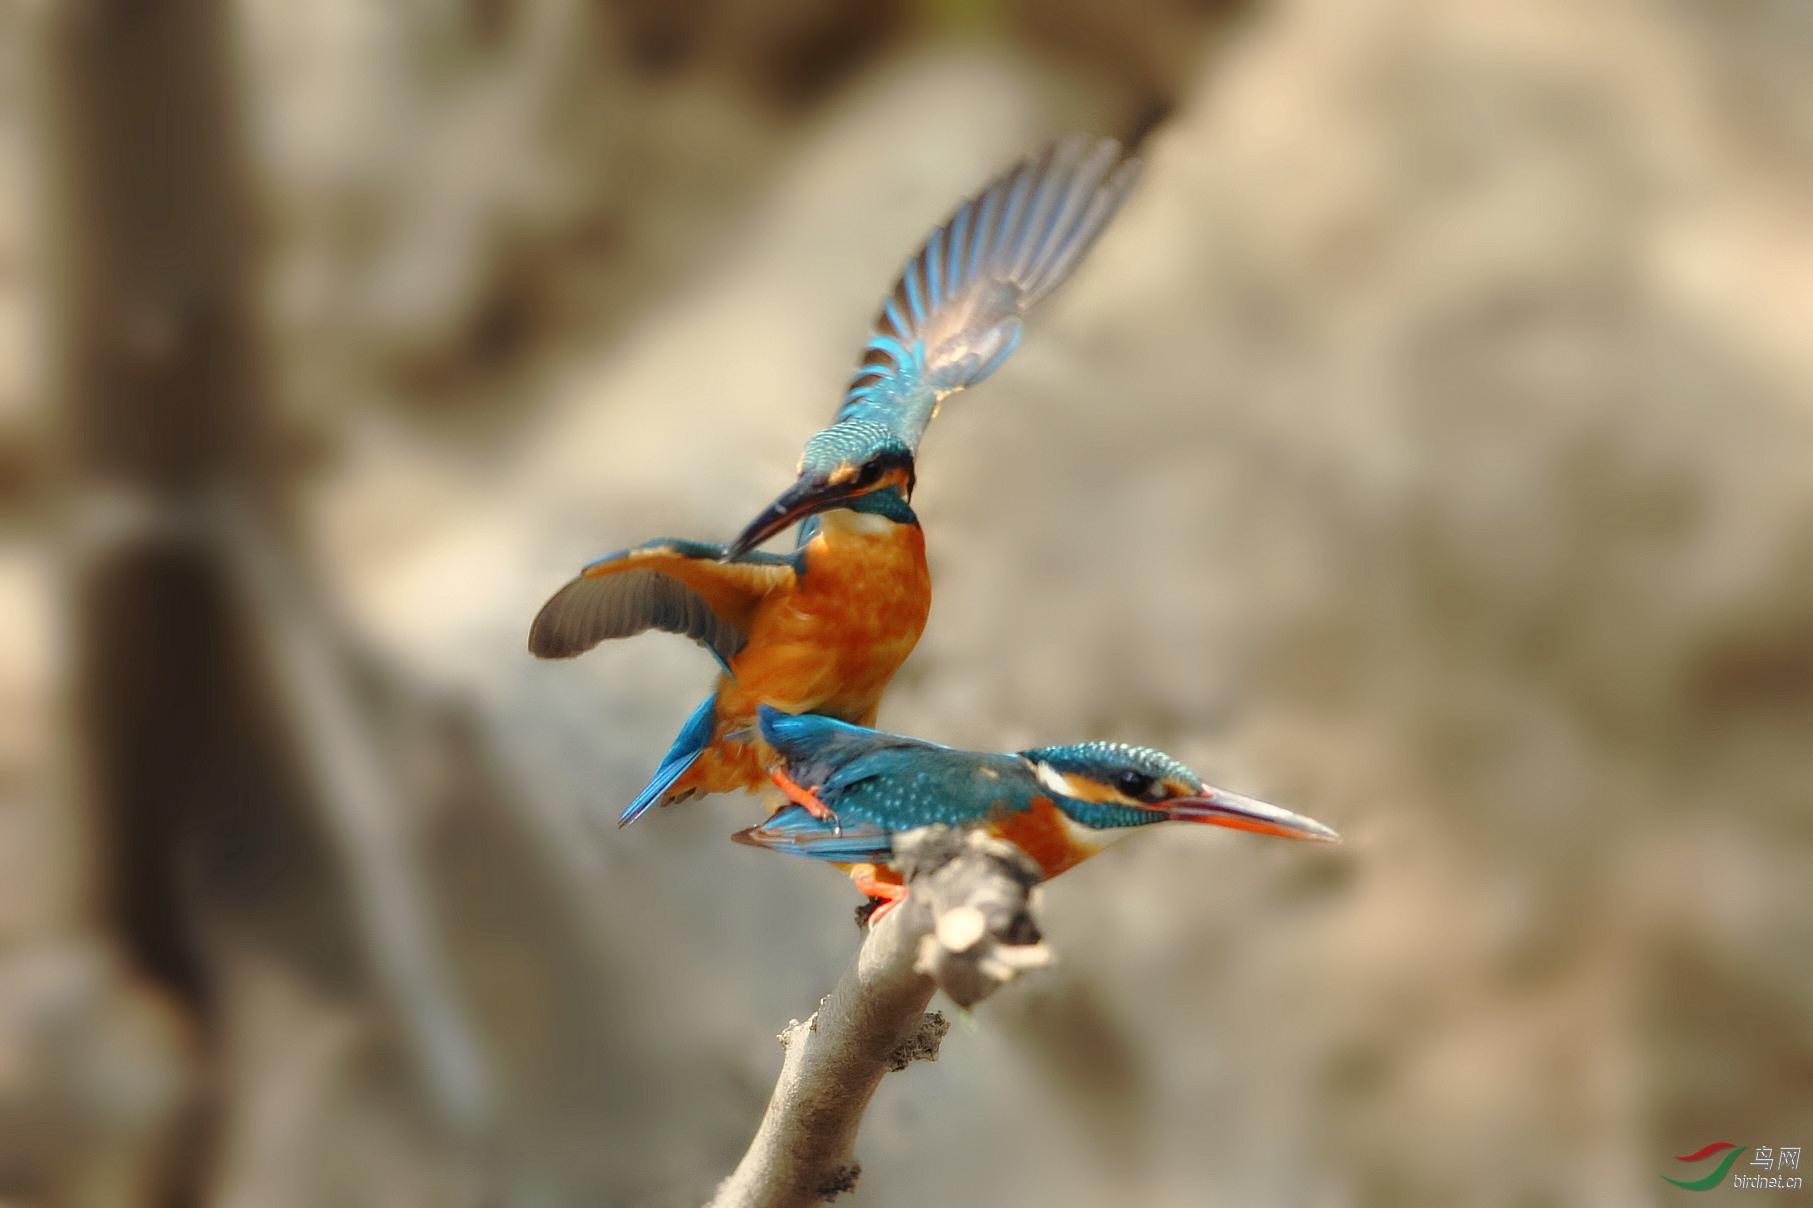 繁衍生息--拍于动物园 - 北京版 Beijing 鸟网